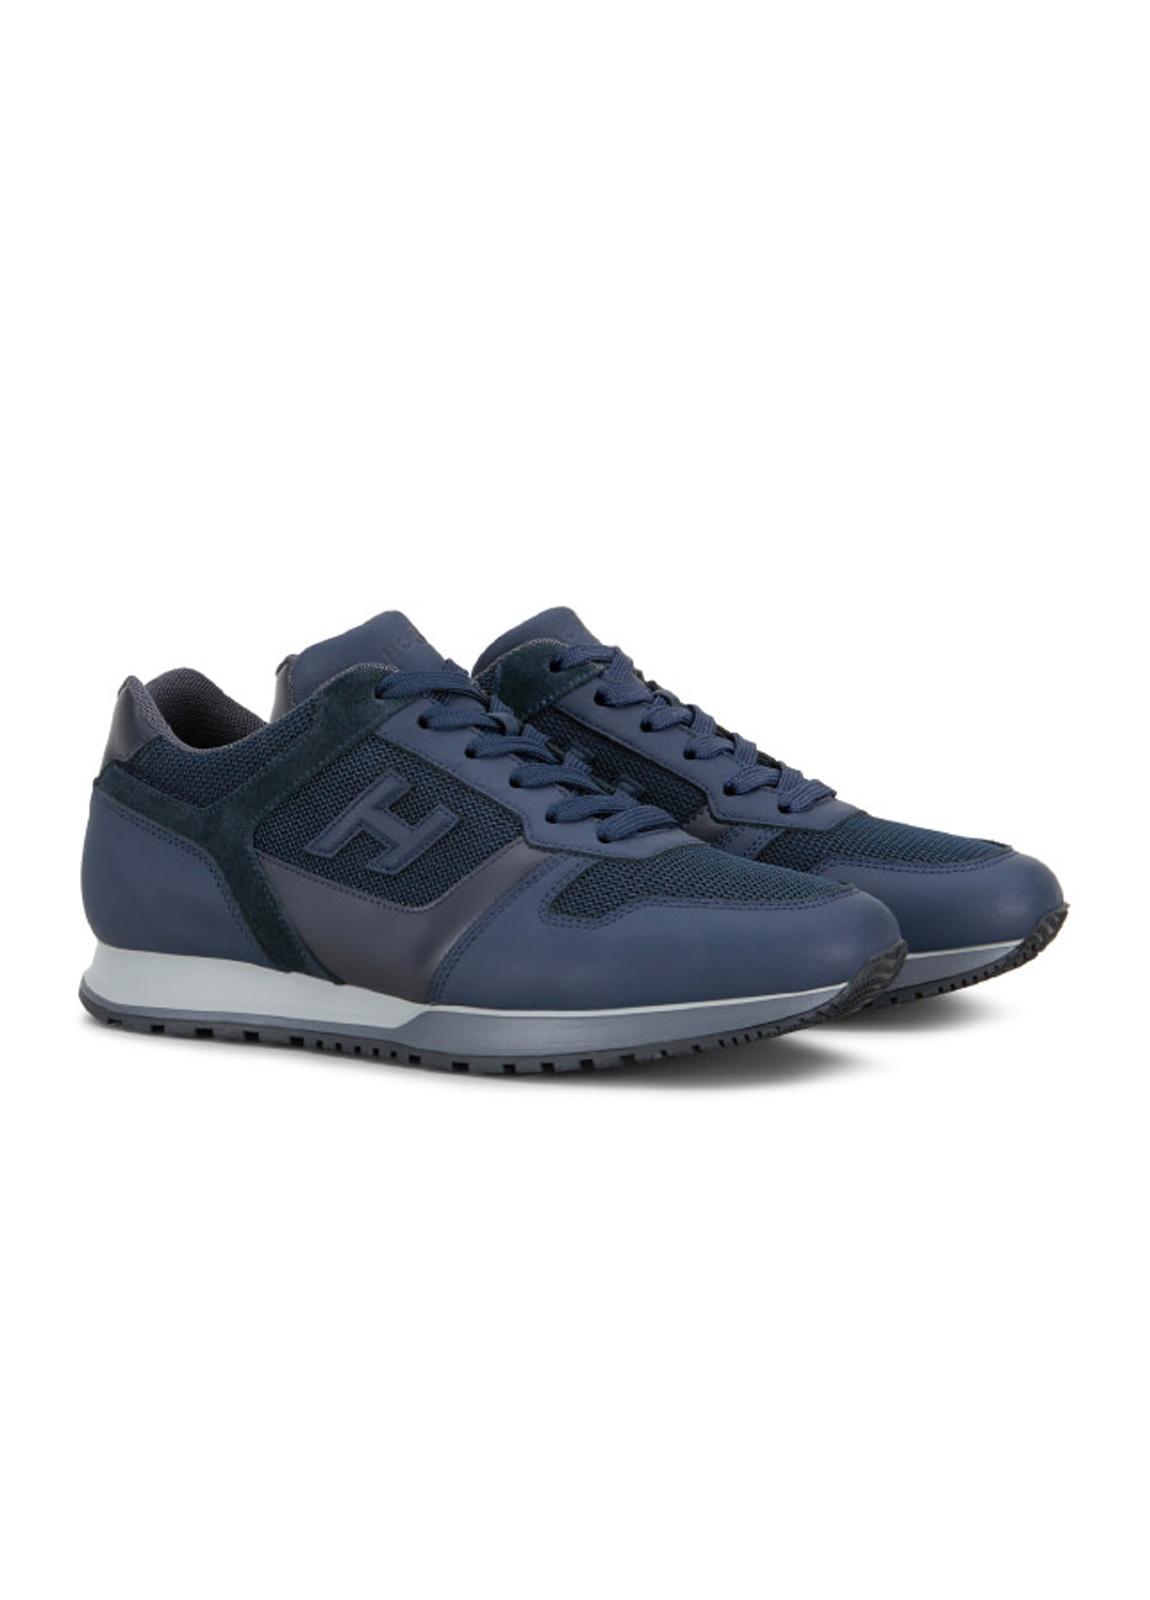 Calzado sport SNEAKER H-321 color azul. Combinación de piel, ante y tejido técnico. - Ítem1